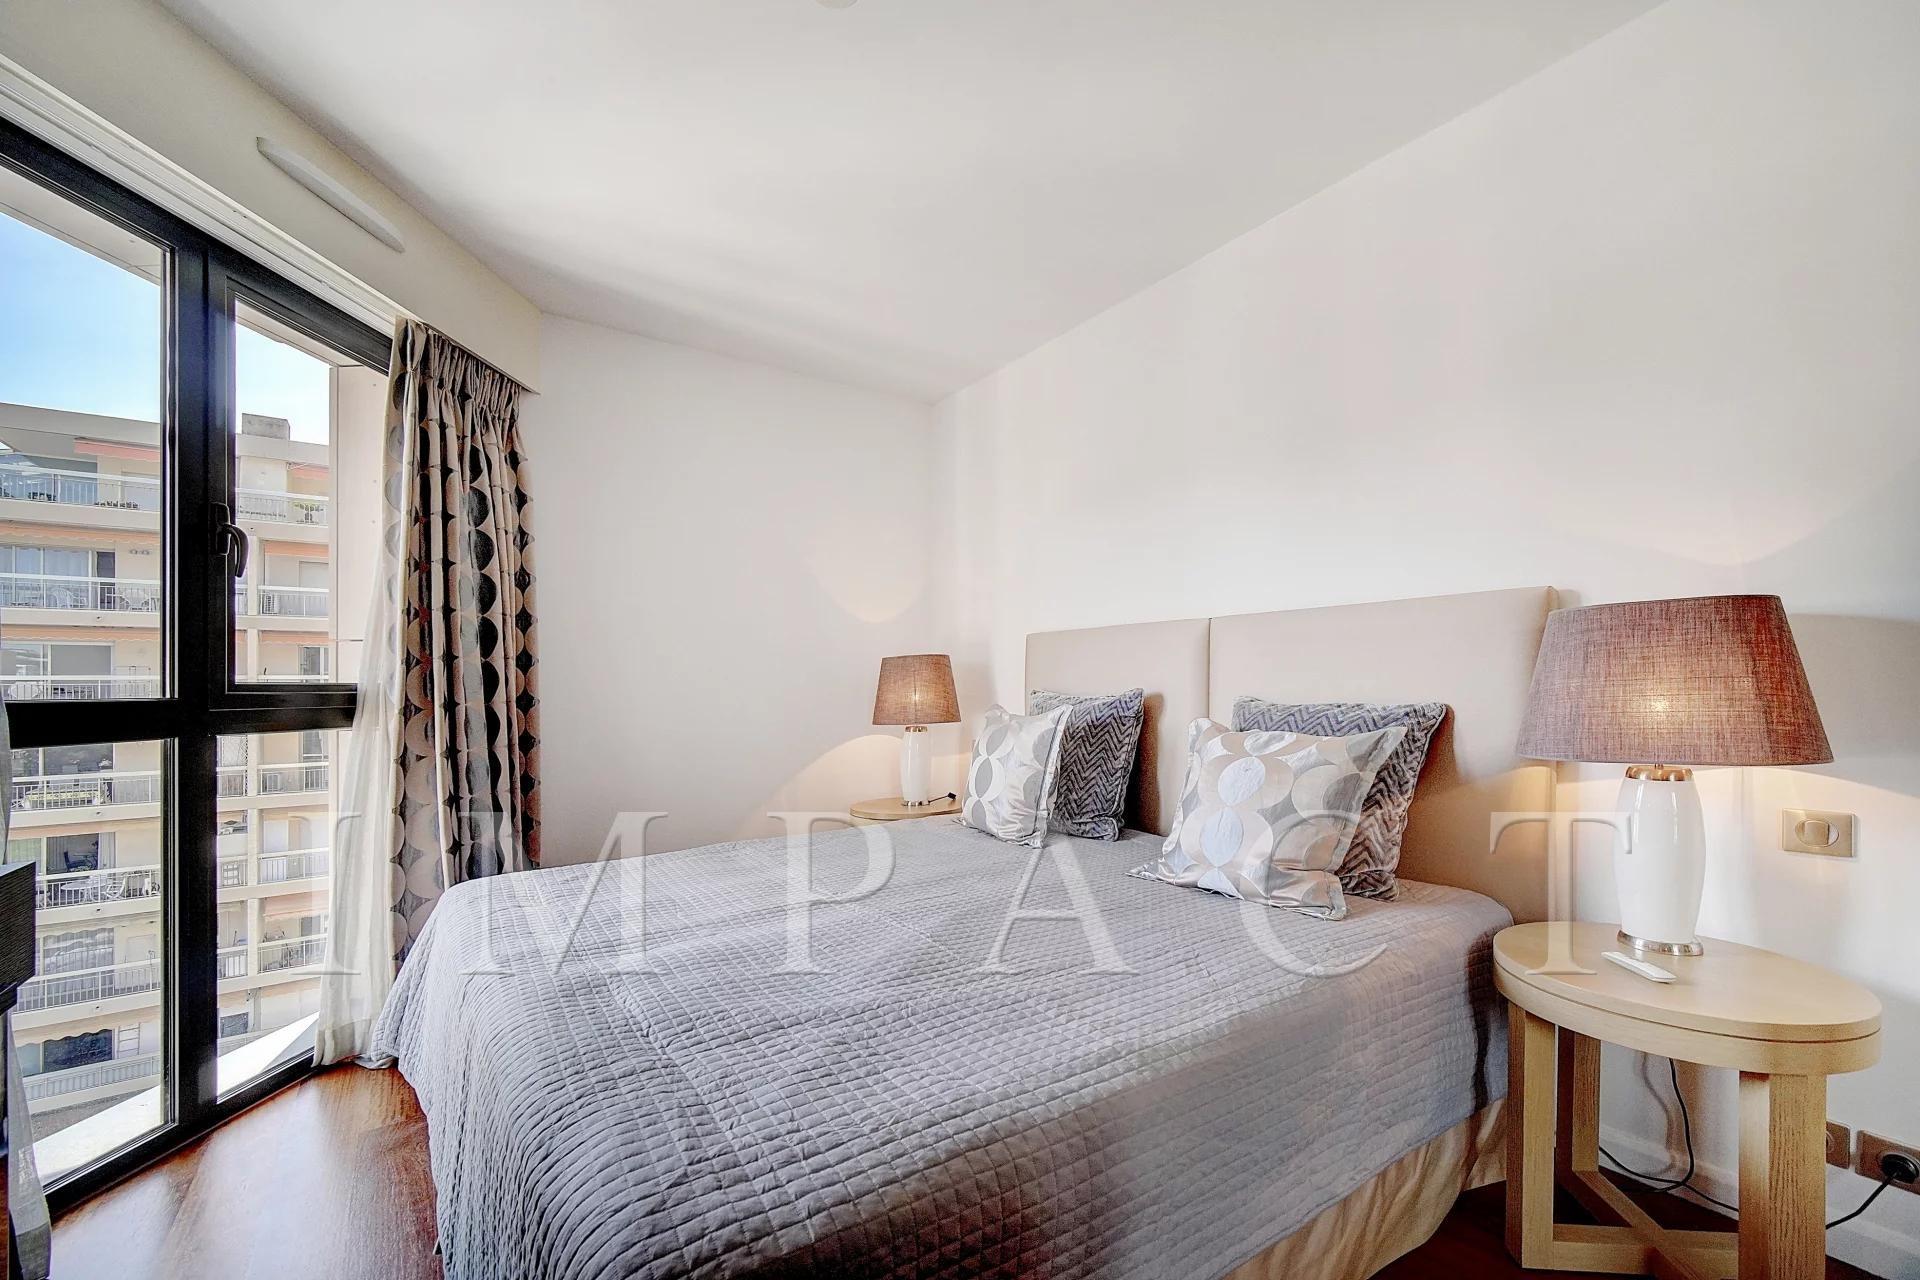 Location Très bel appartement en plein centre de Cannes